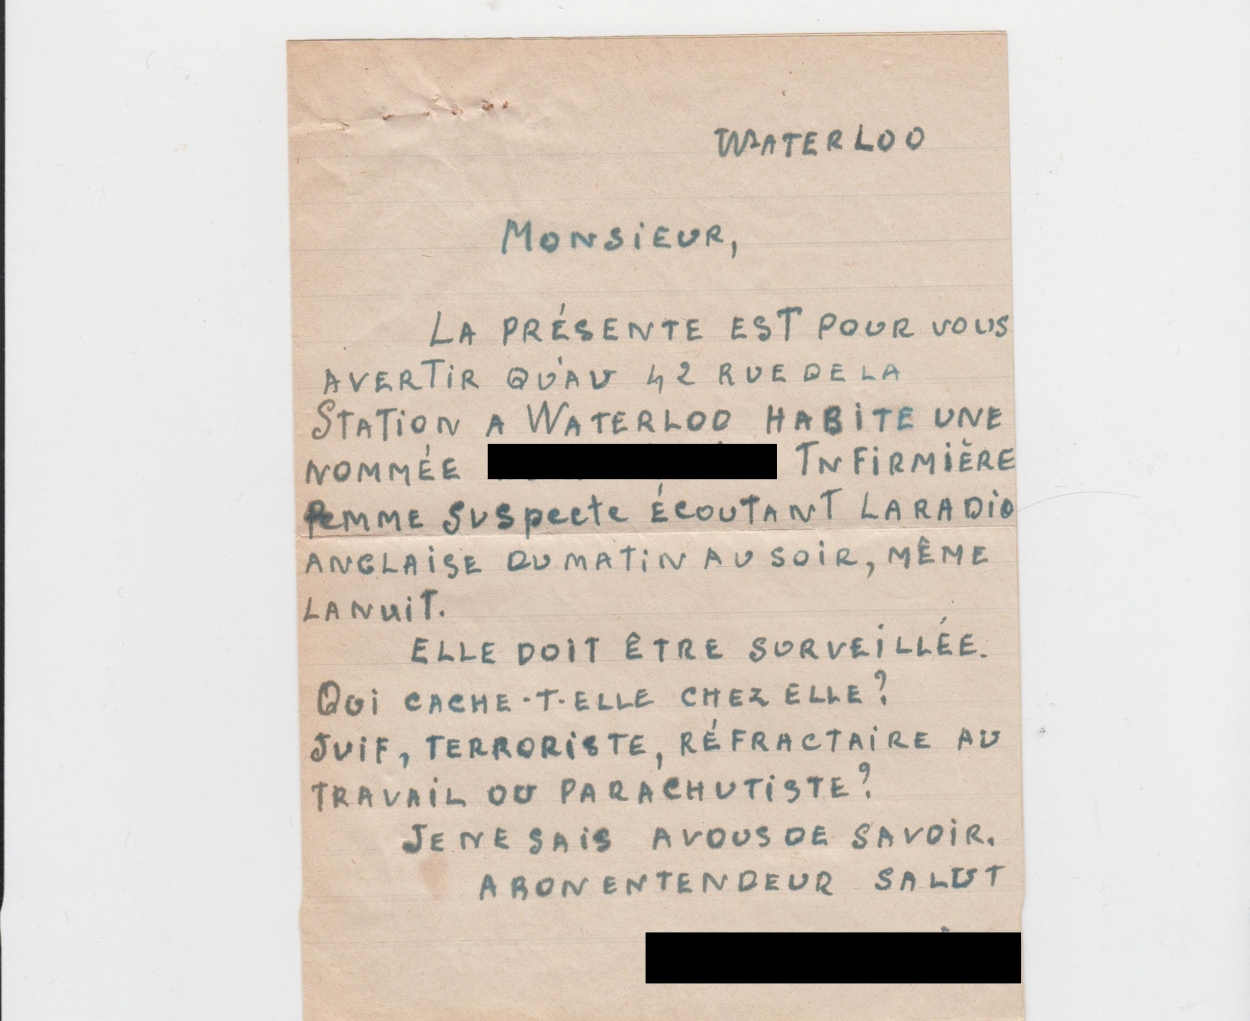 aa-684-iv_braine-l-alleud_lettres-de-dAnonciation-1943